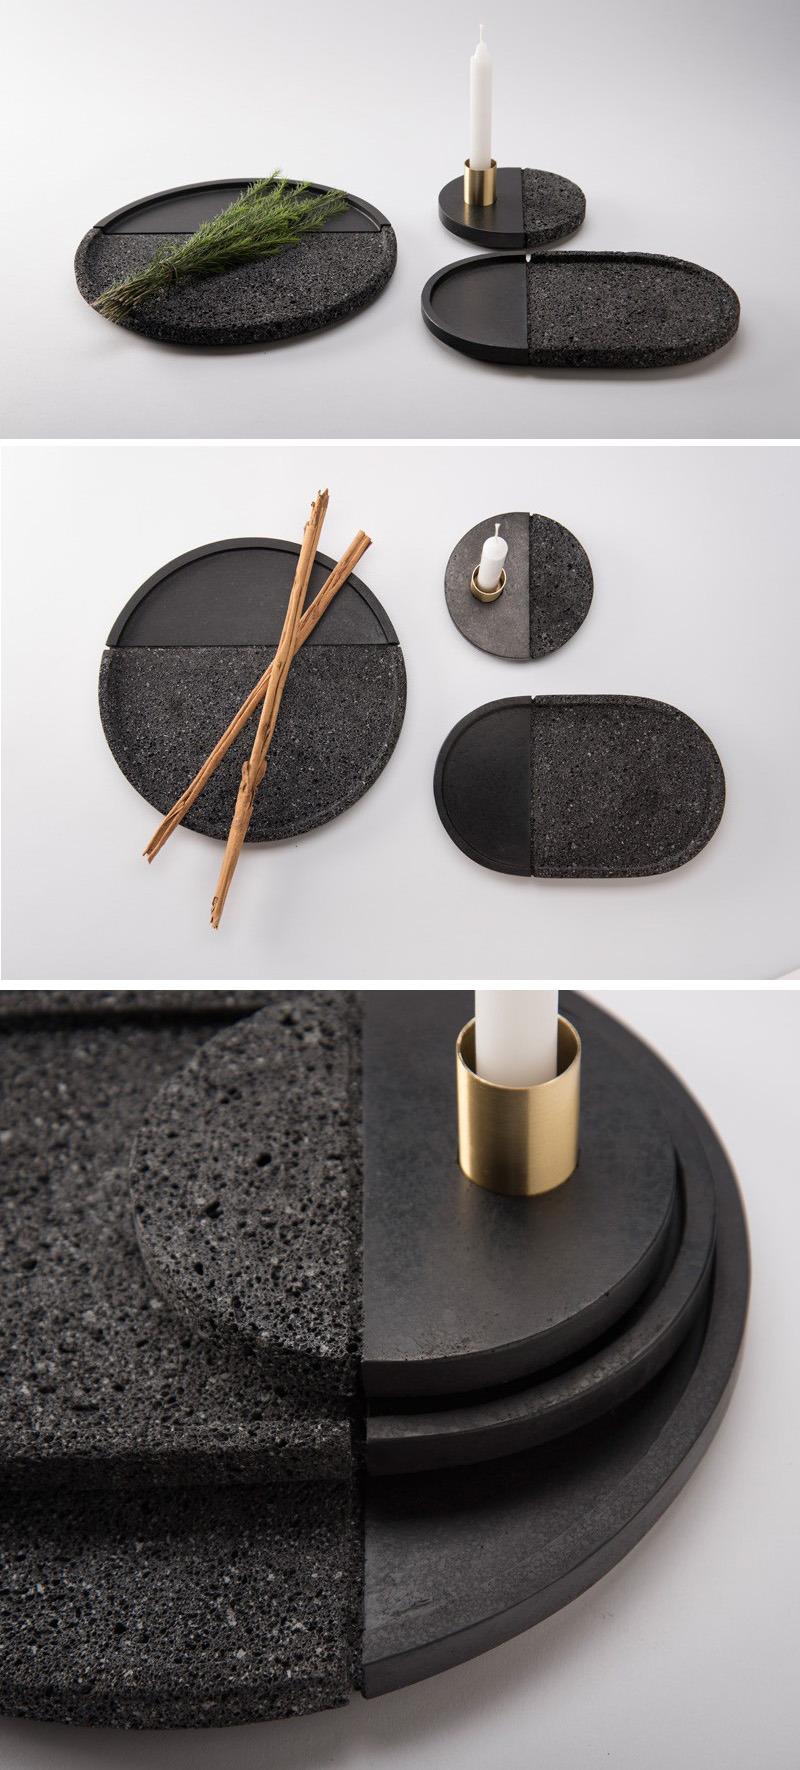 contemporist :    This Set Of Plates Are Made From Volcanic Stone - via contemporist.com